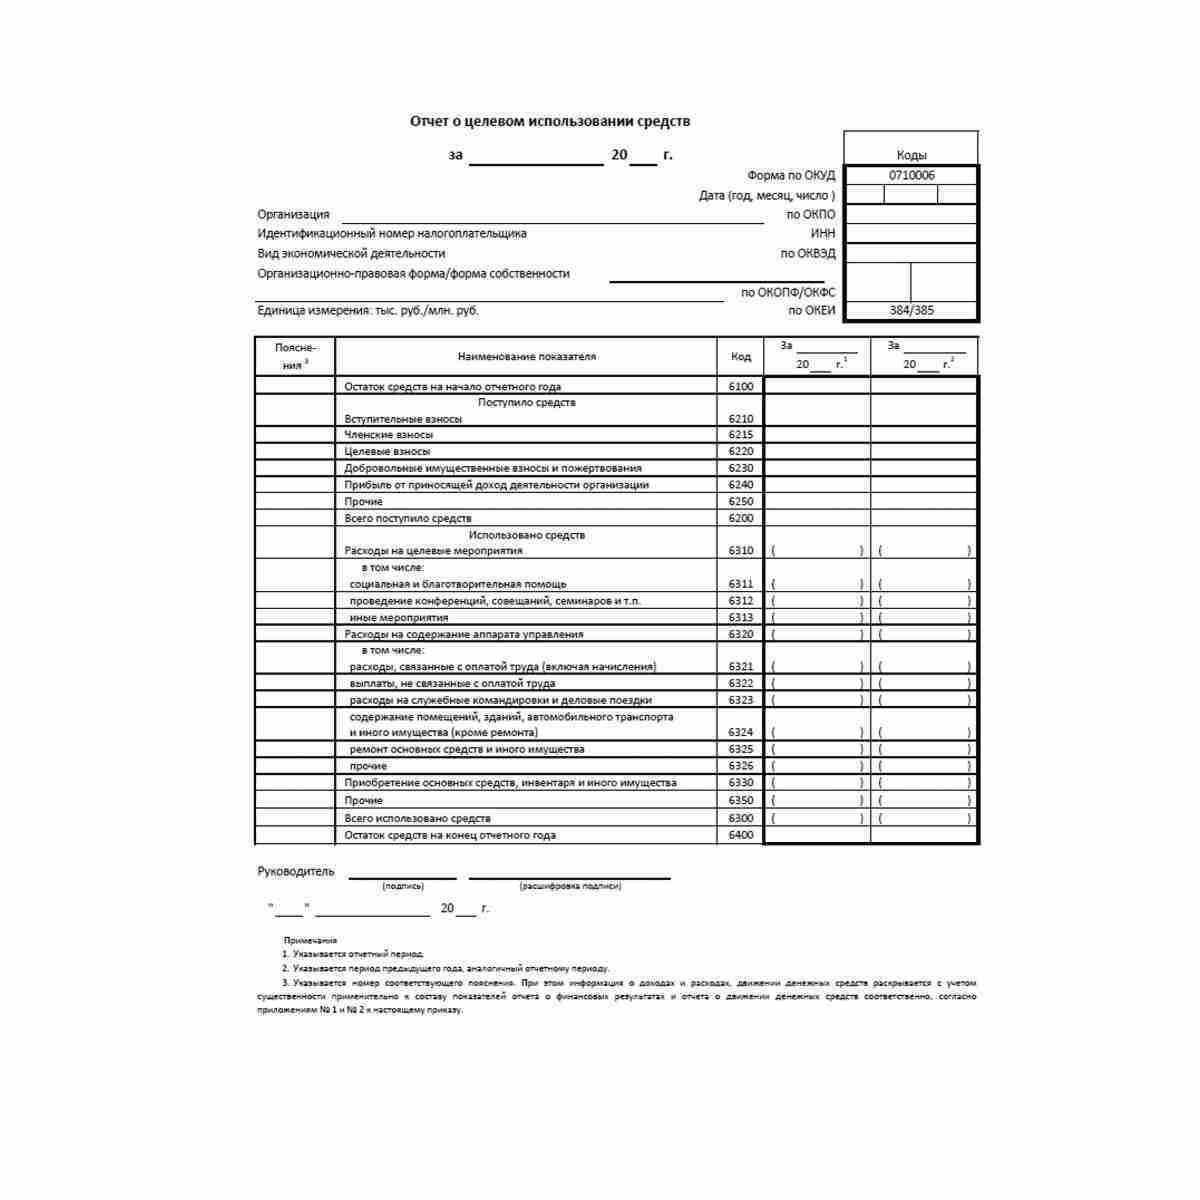 """Форма """"Отчет о целевом использовании средств"""" (ОКУД 0710006)"""